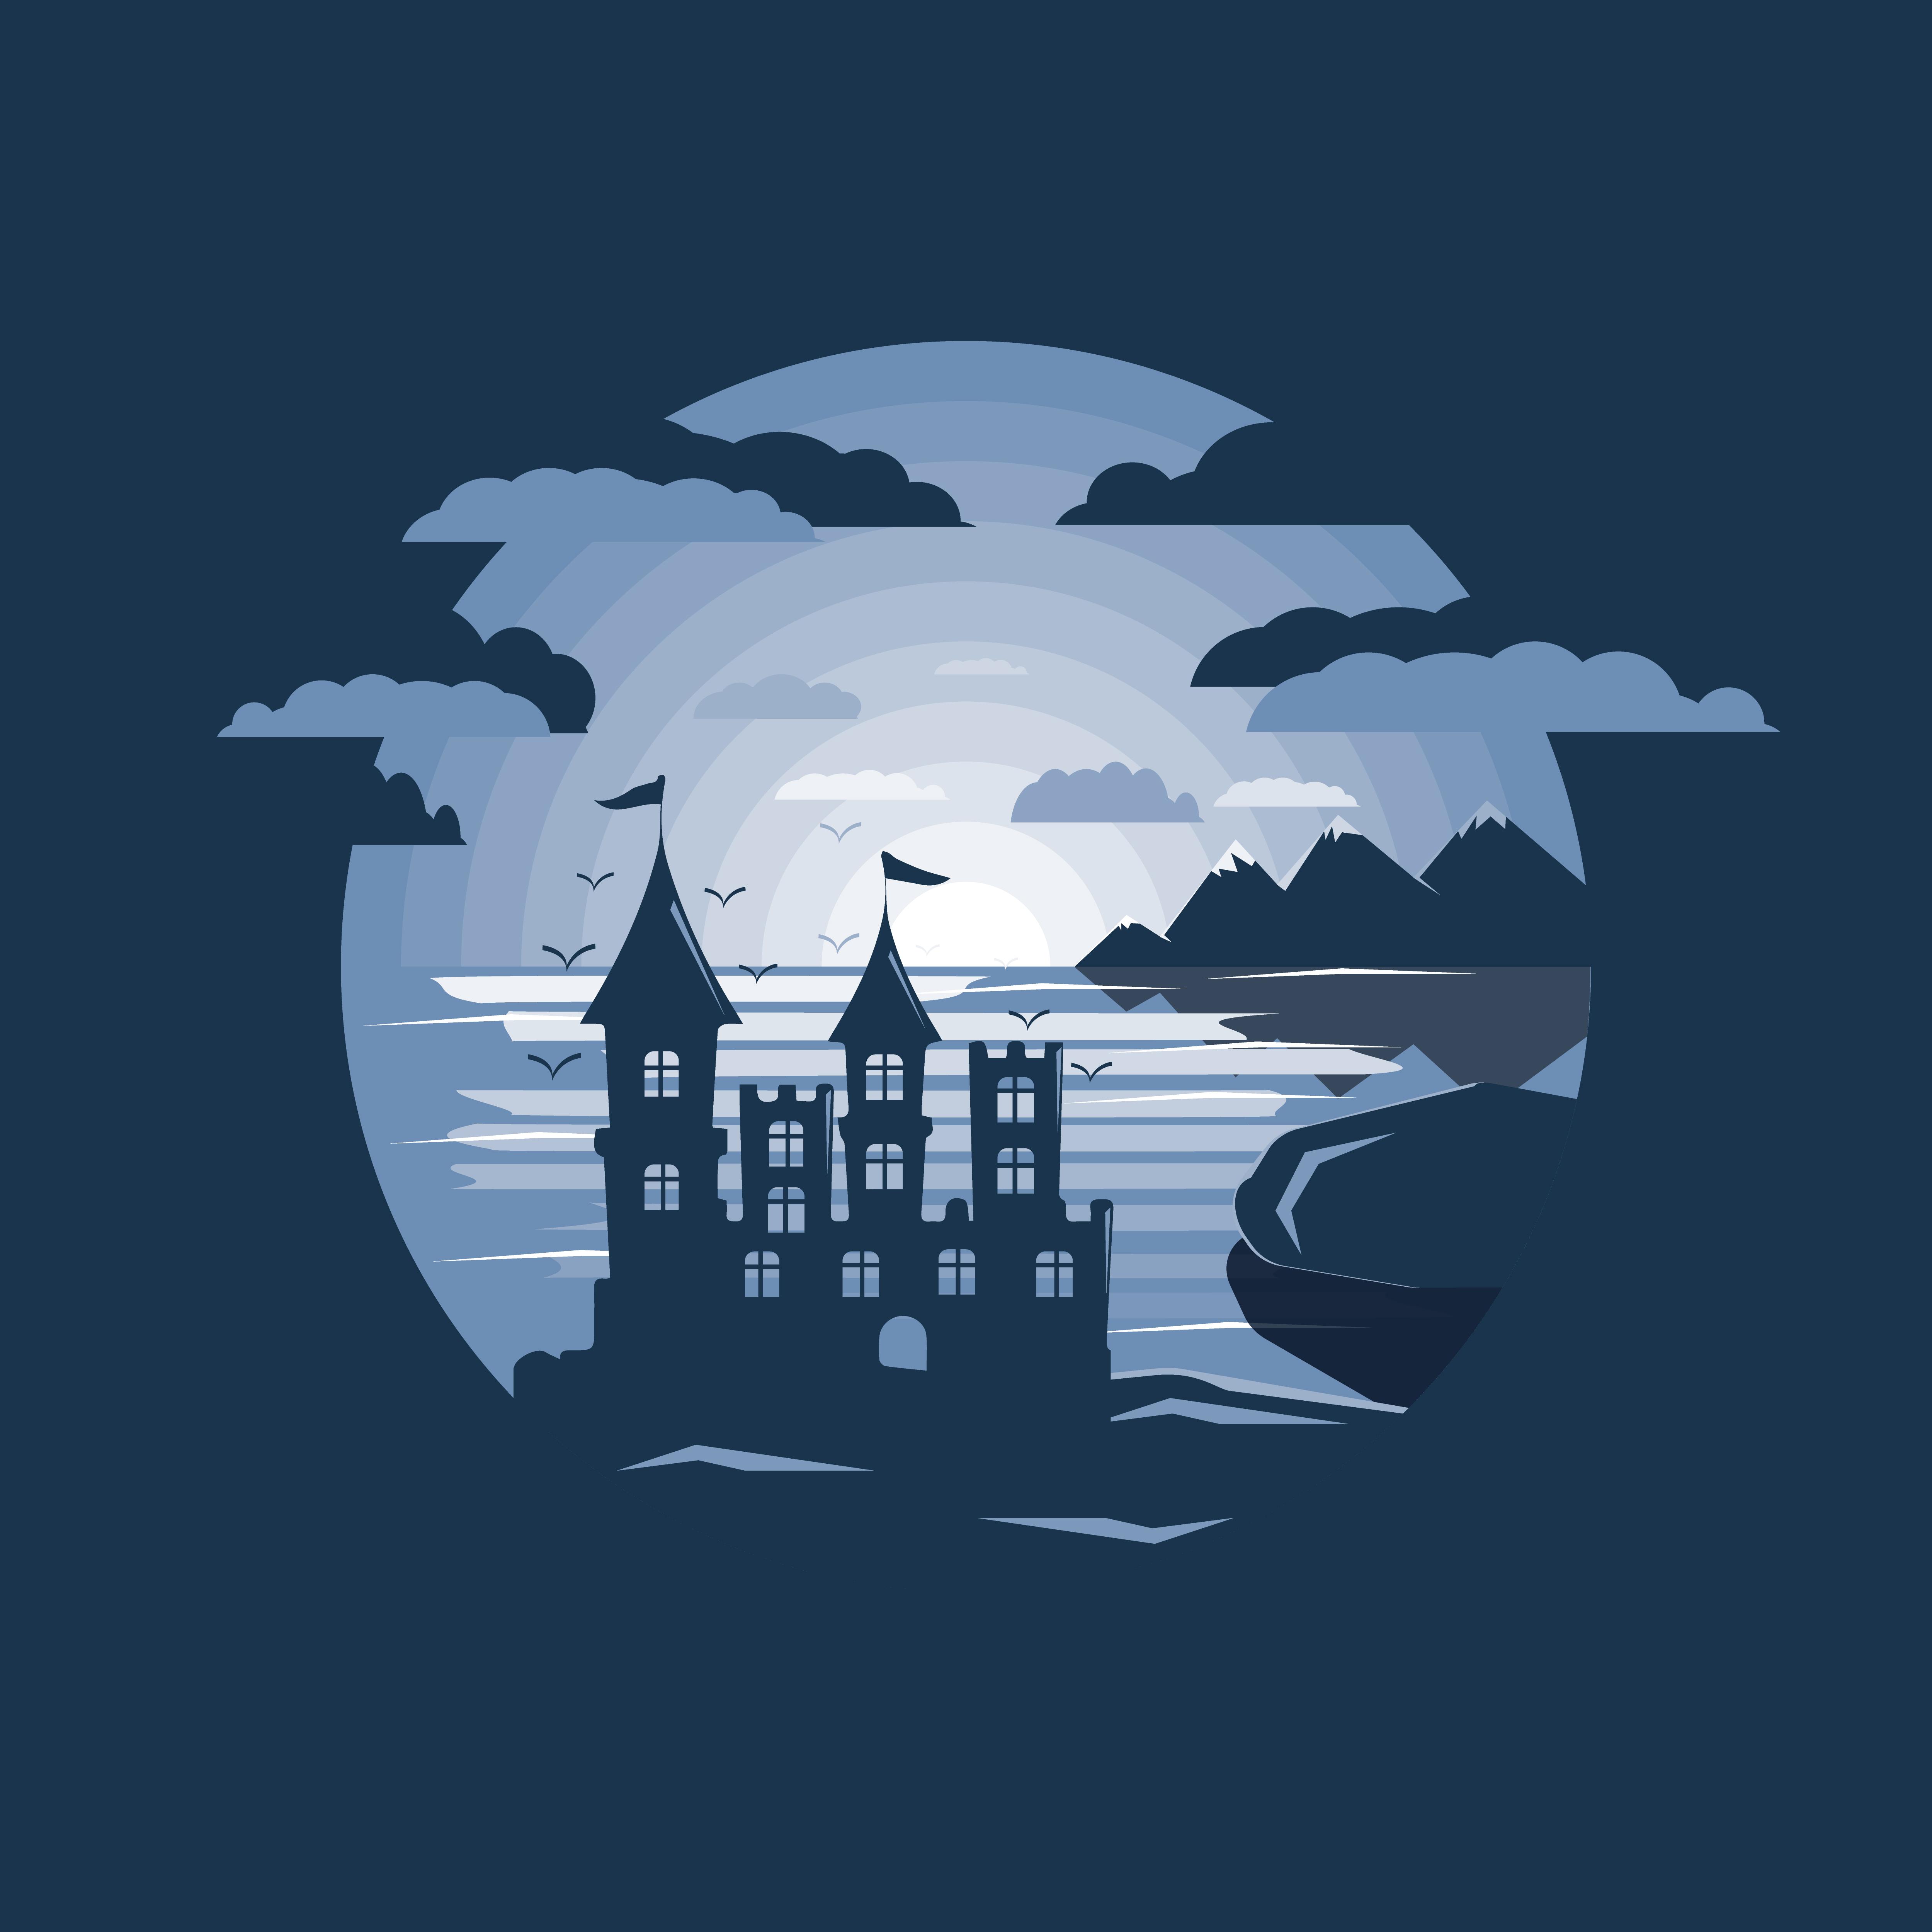 城堡剪影 免費下載   天天瘋後製